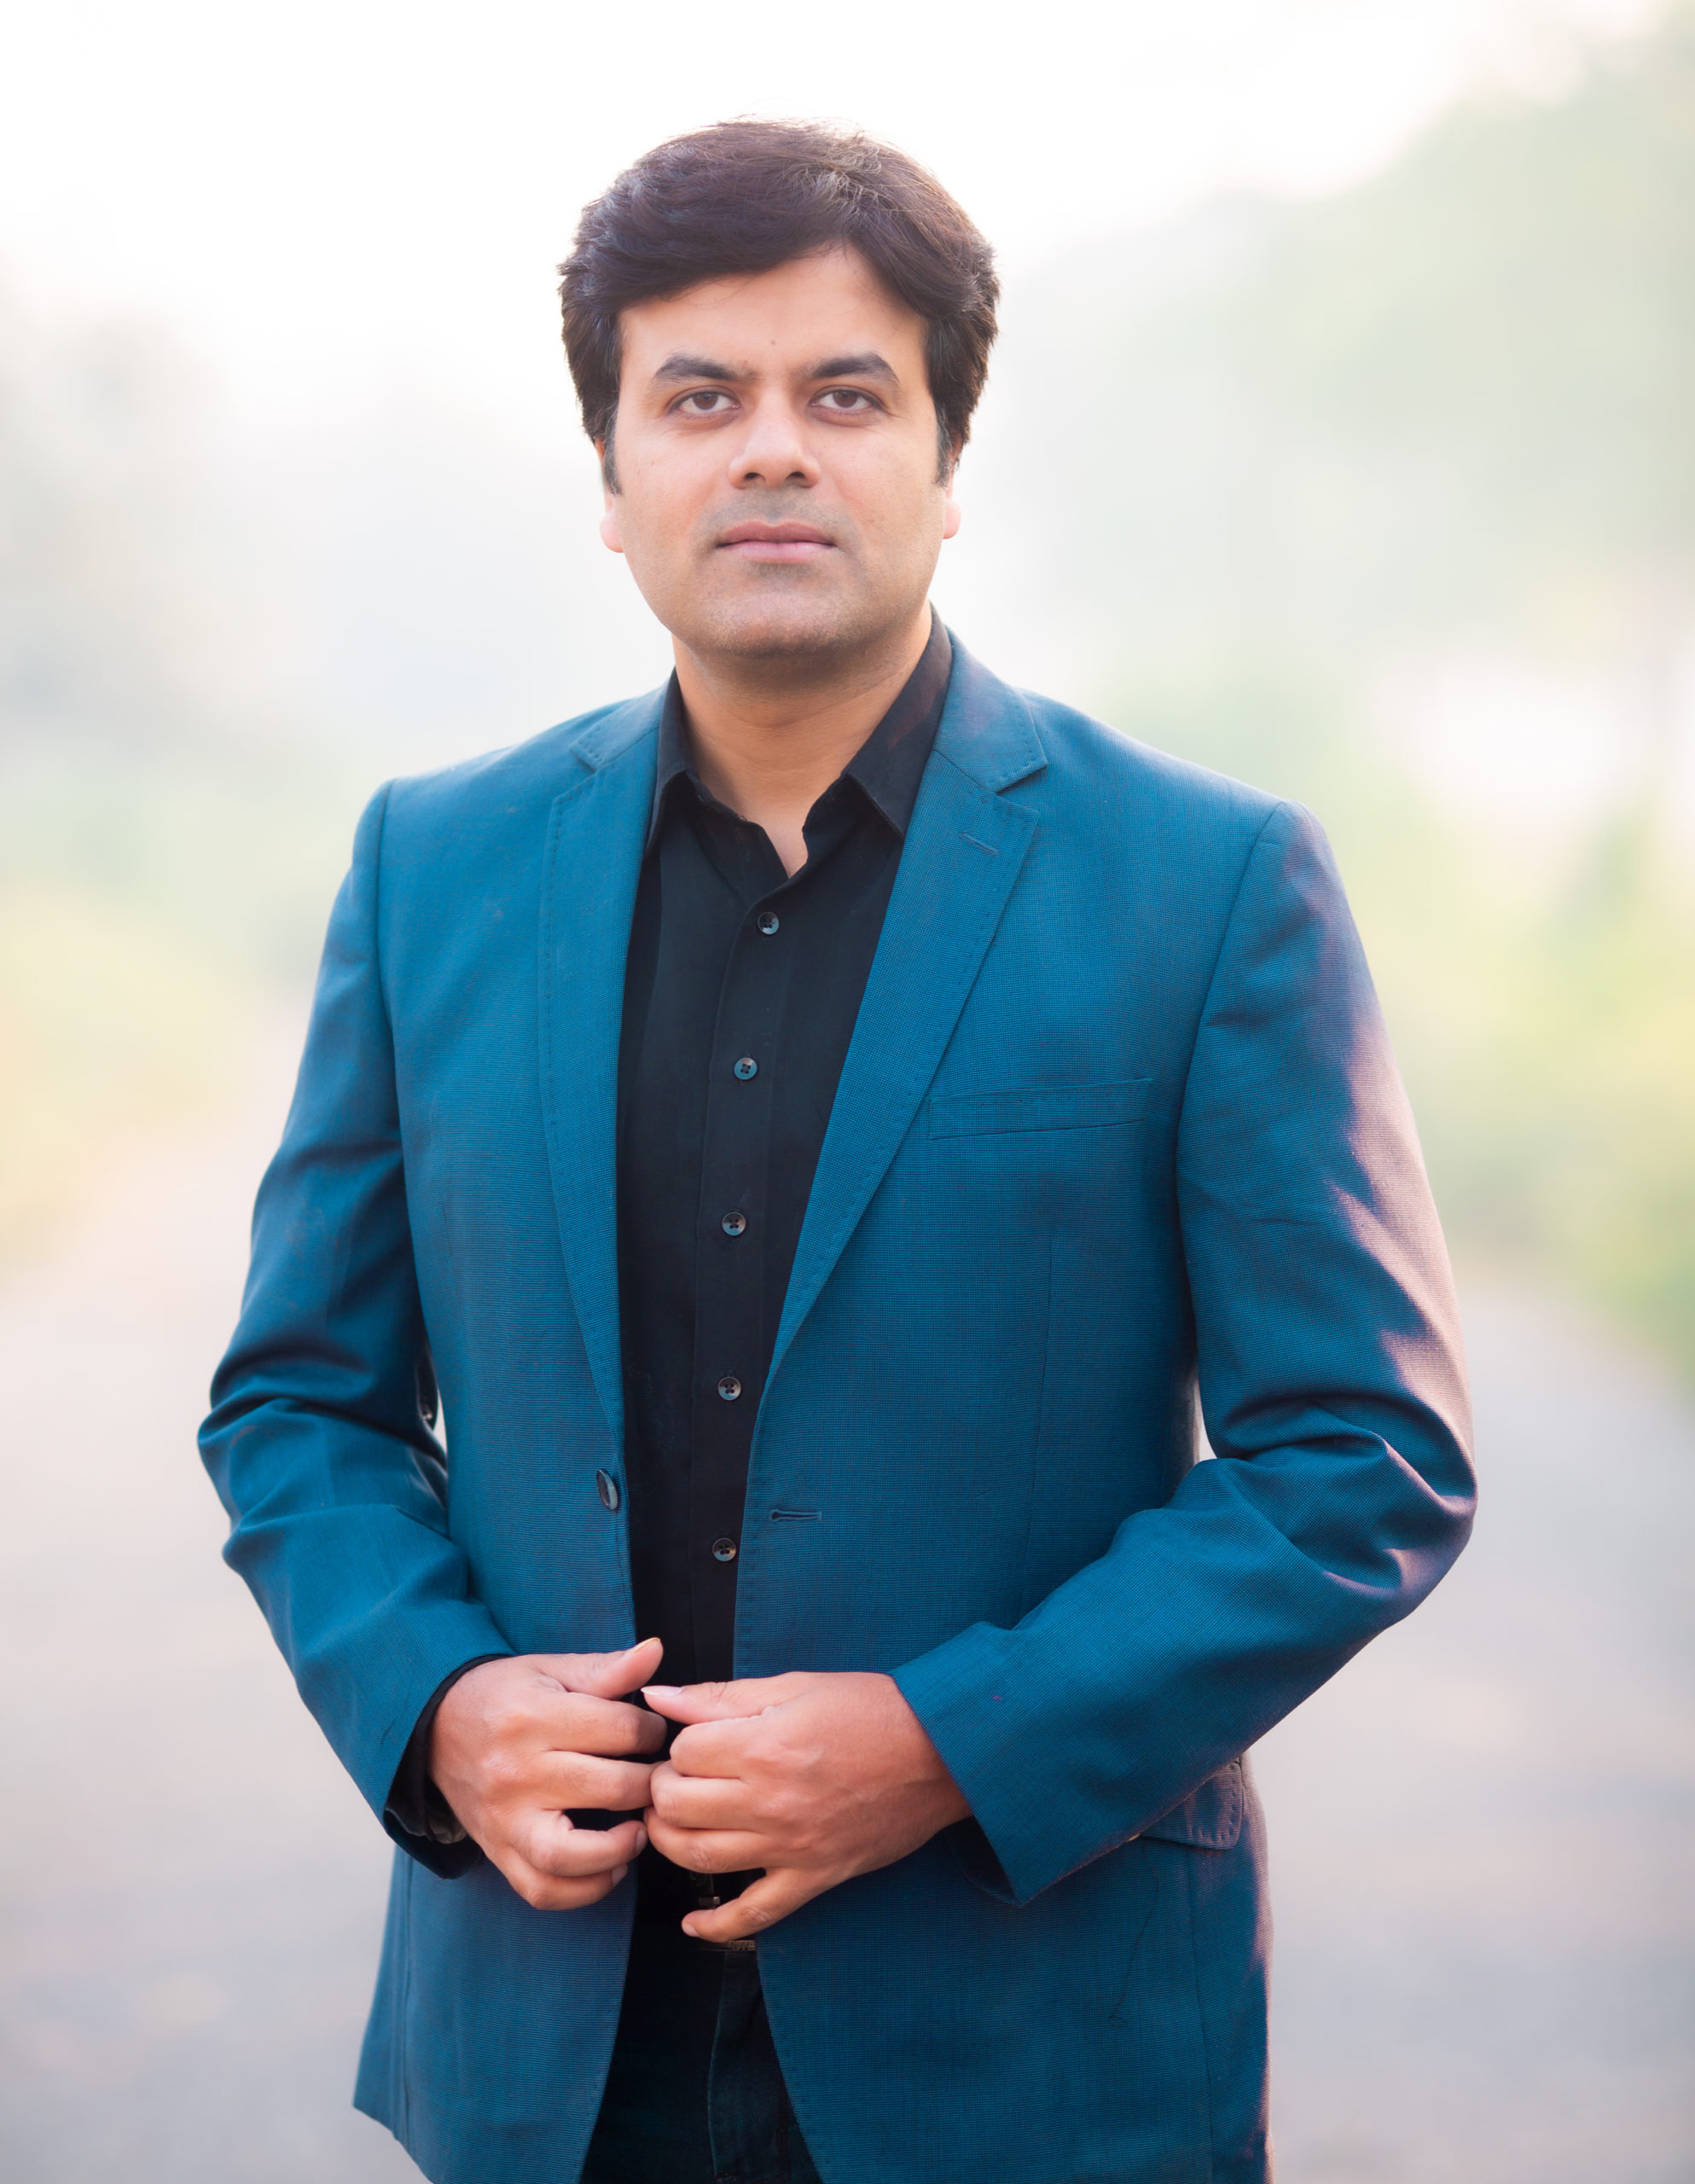 Chandan Singh